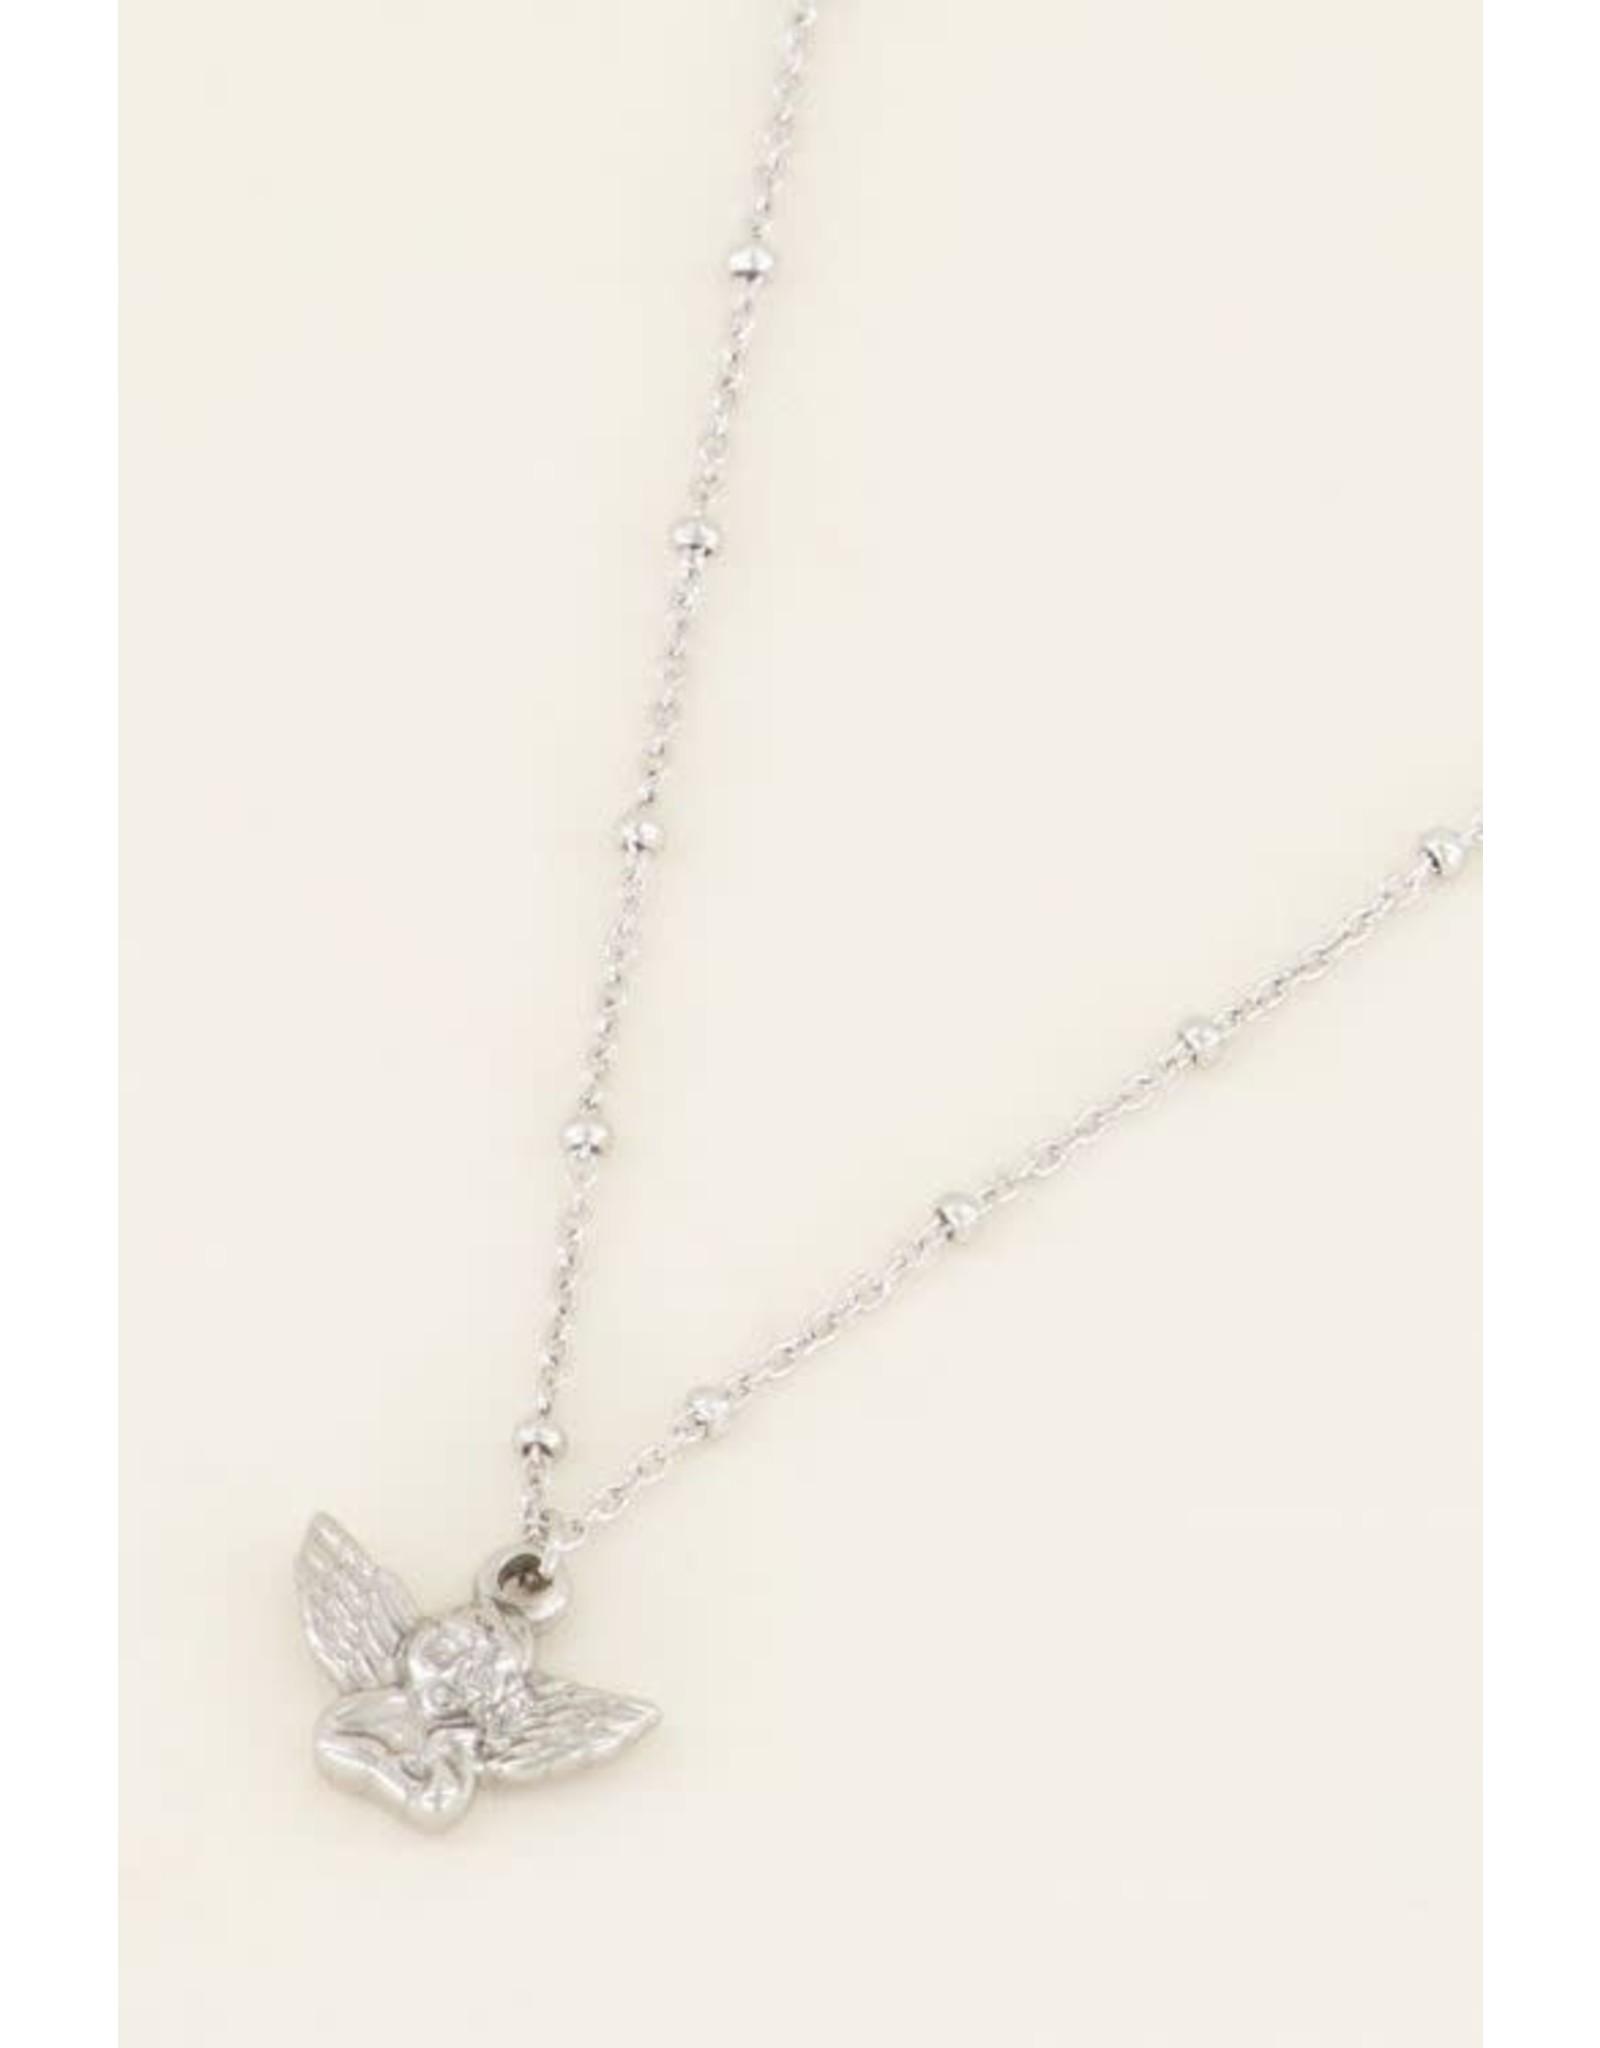 My Jewellery My Jewellery ketting - Engeltje